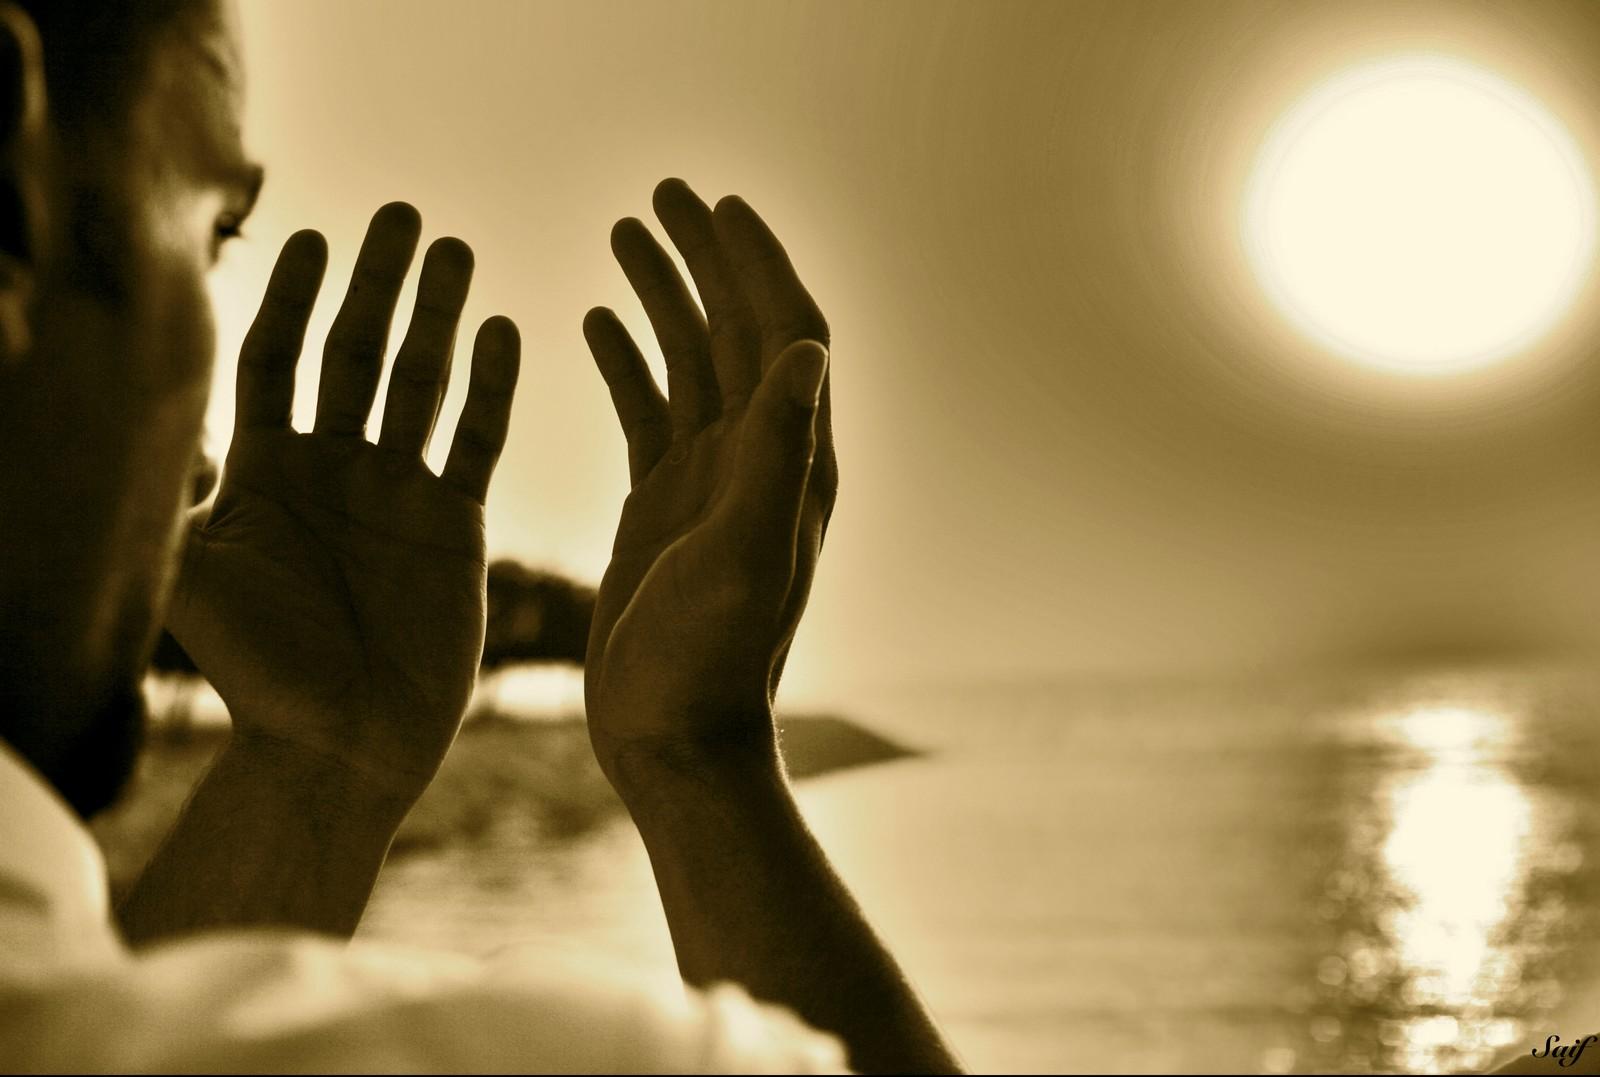 Cómo Usar la Oración con Resultados Verdaderamente Positivos